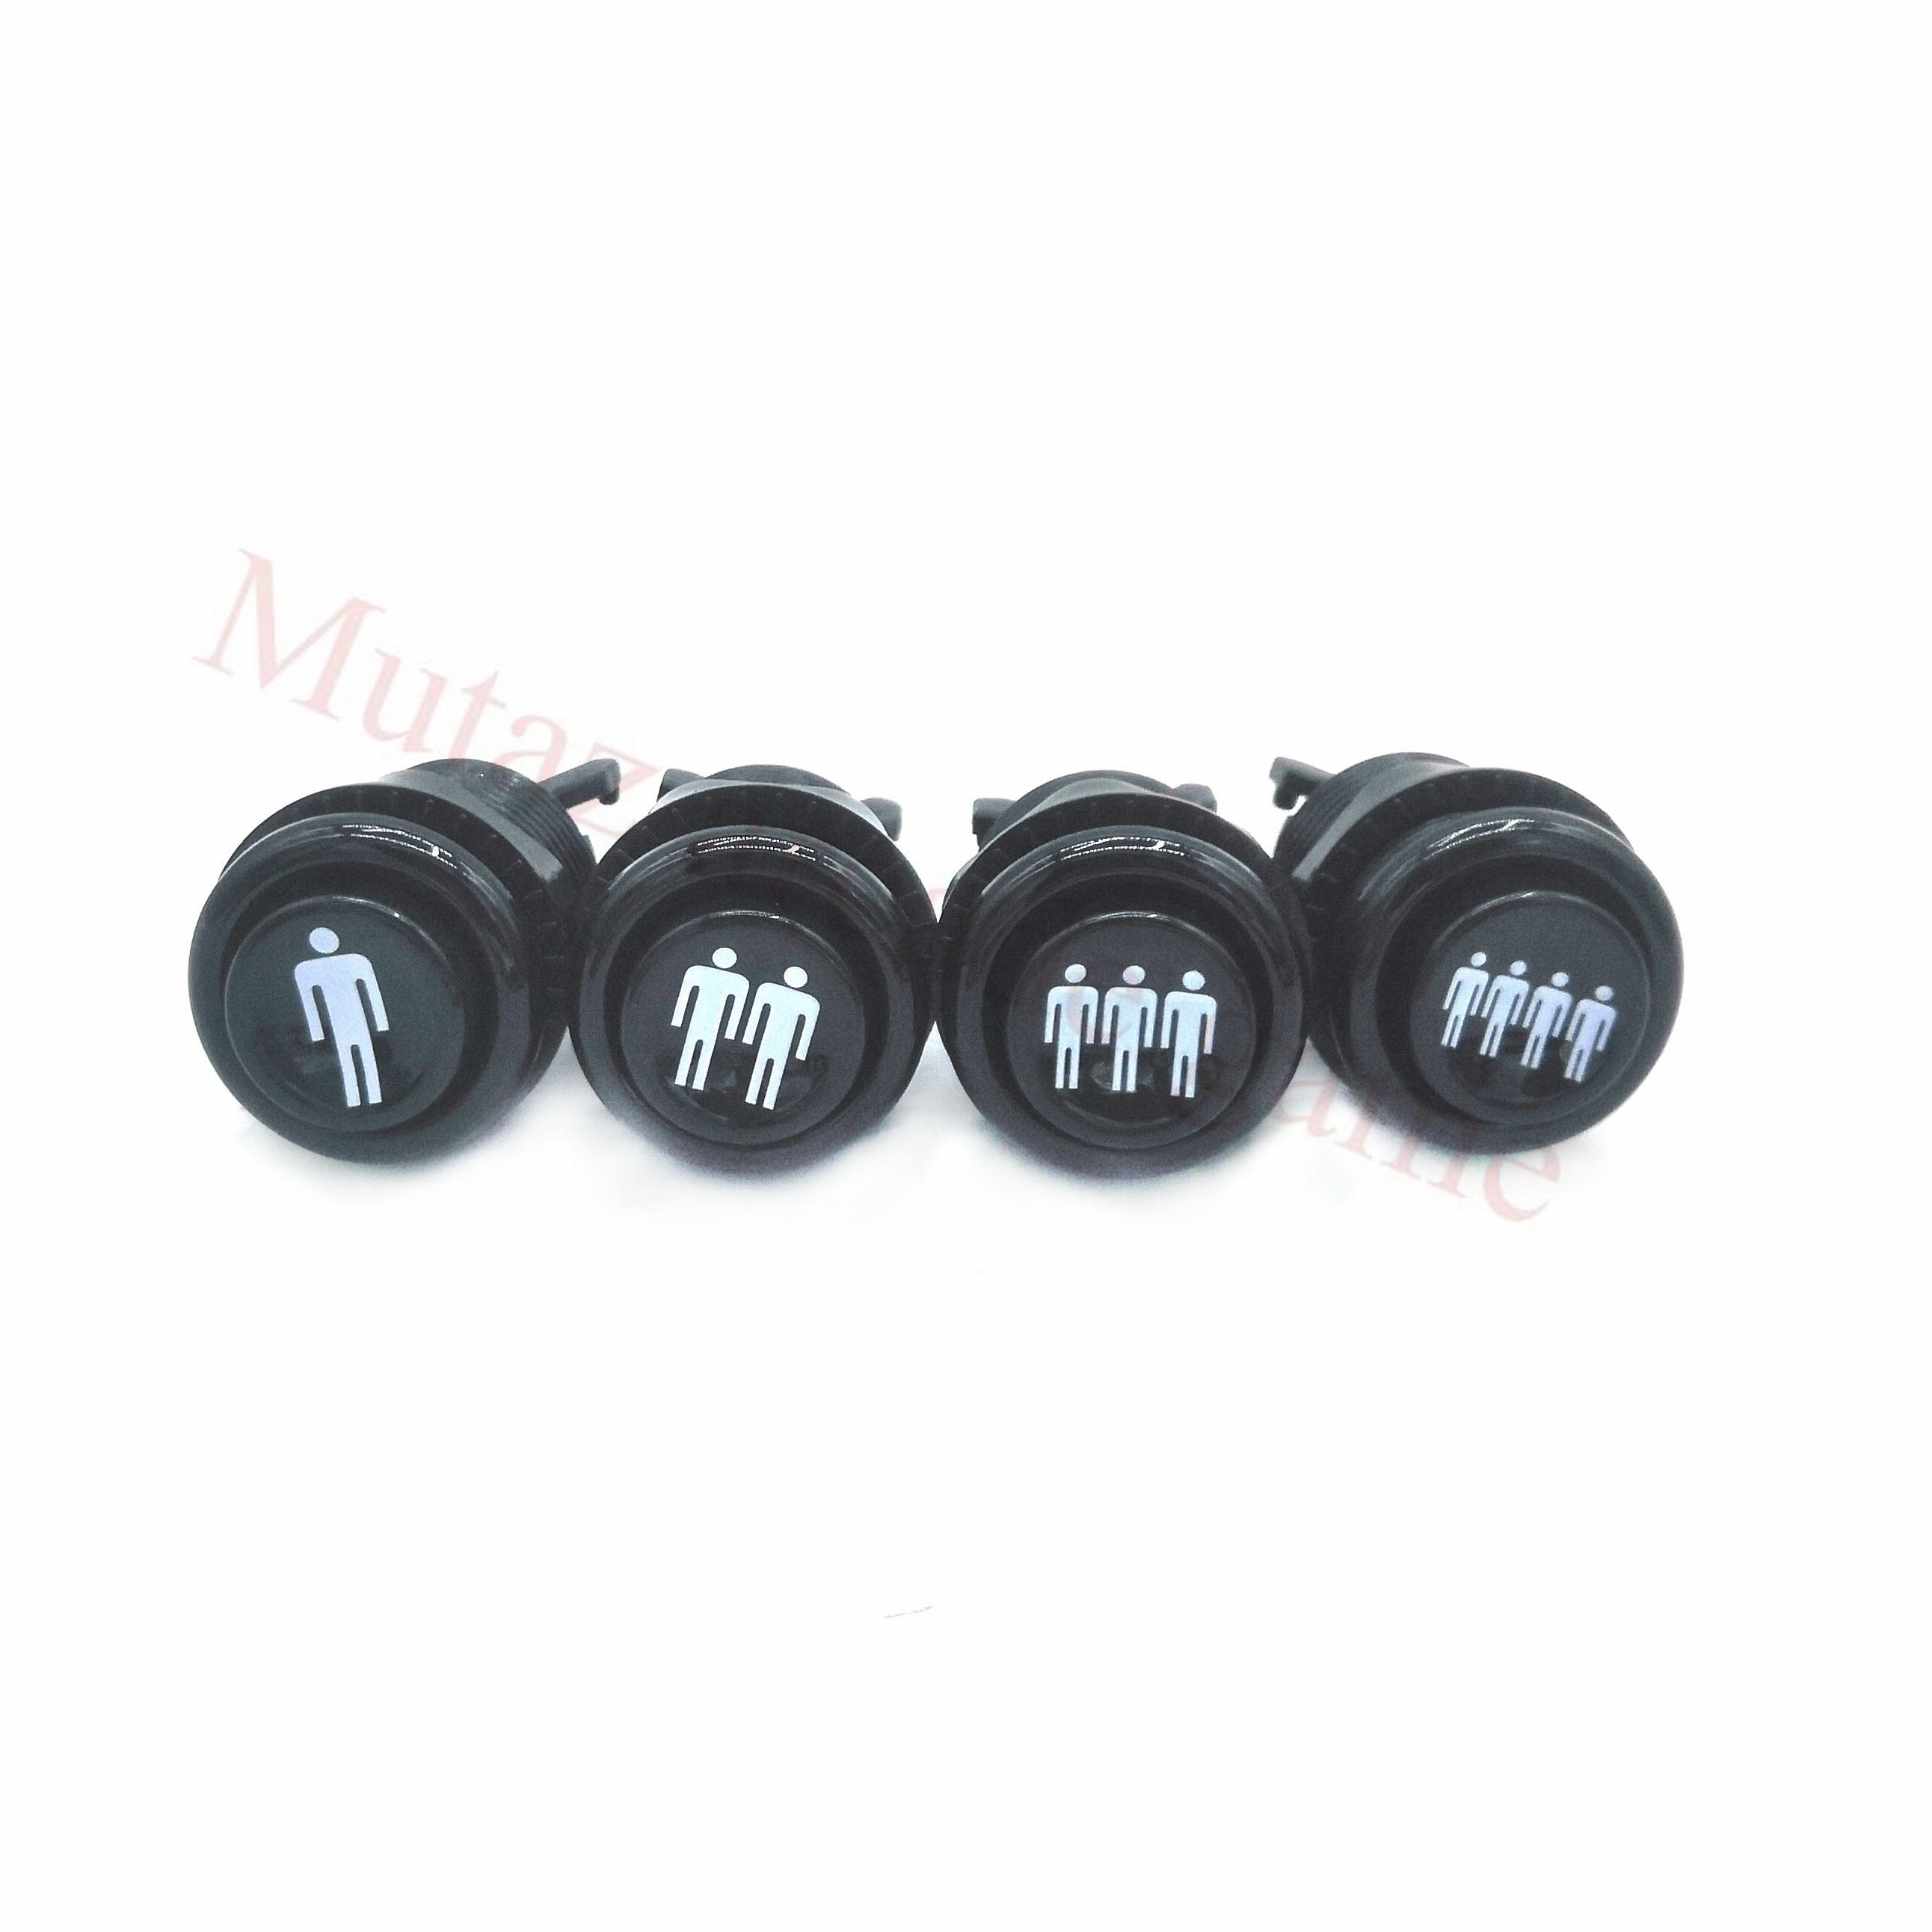 4 шт. 28 мм крепежное отверстие американская Кнопка happ 1P/2P/3P/4P черная круглая кнопка с микропереключателем для аркадной видеоигры